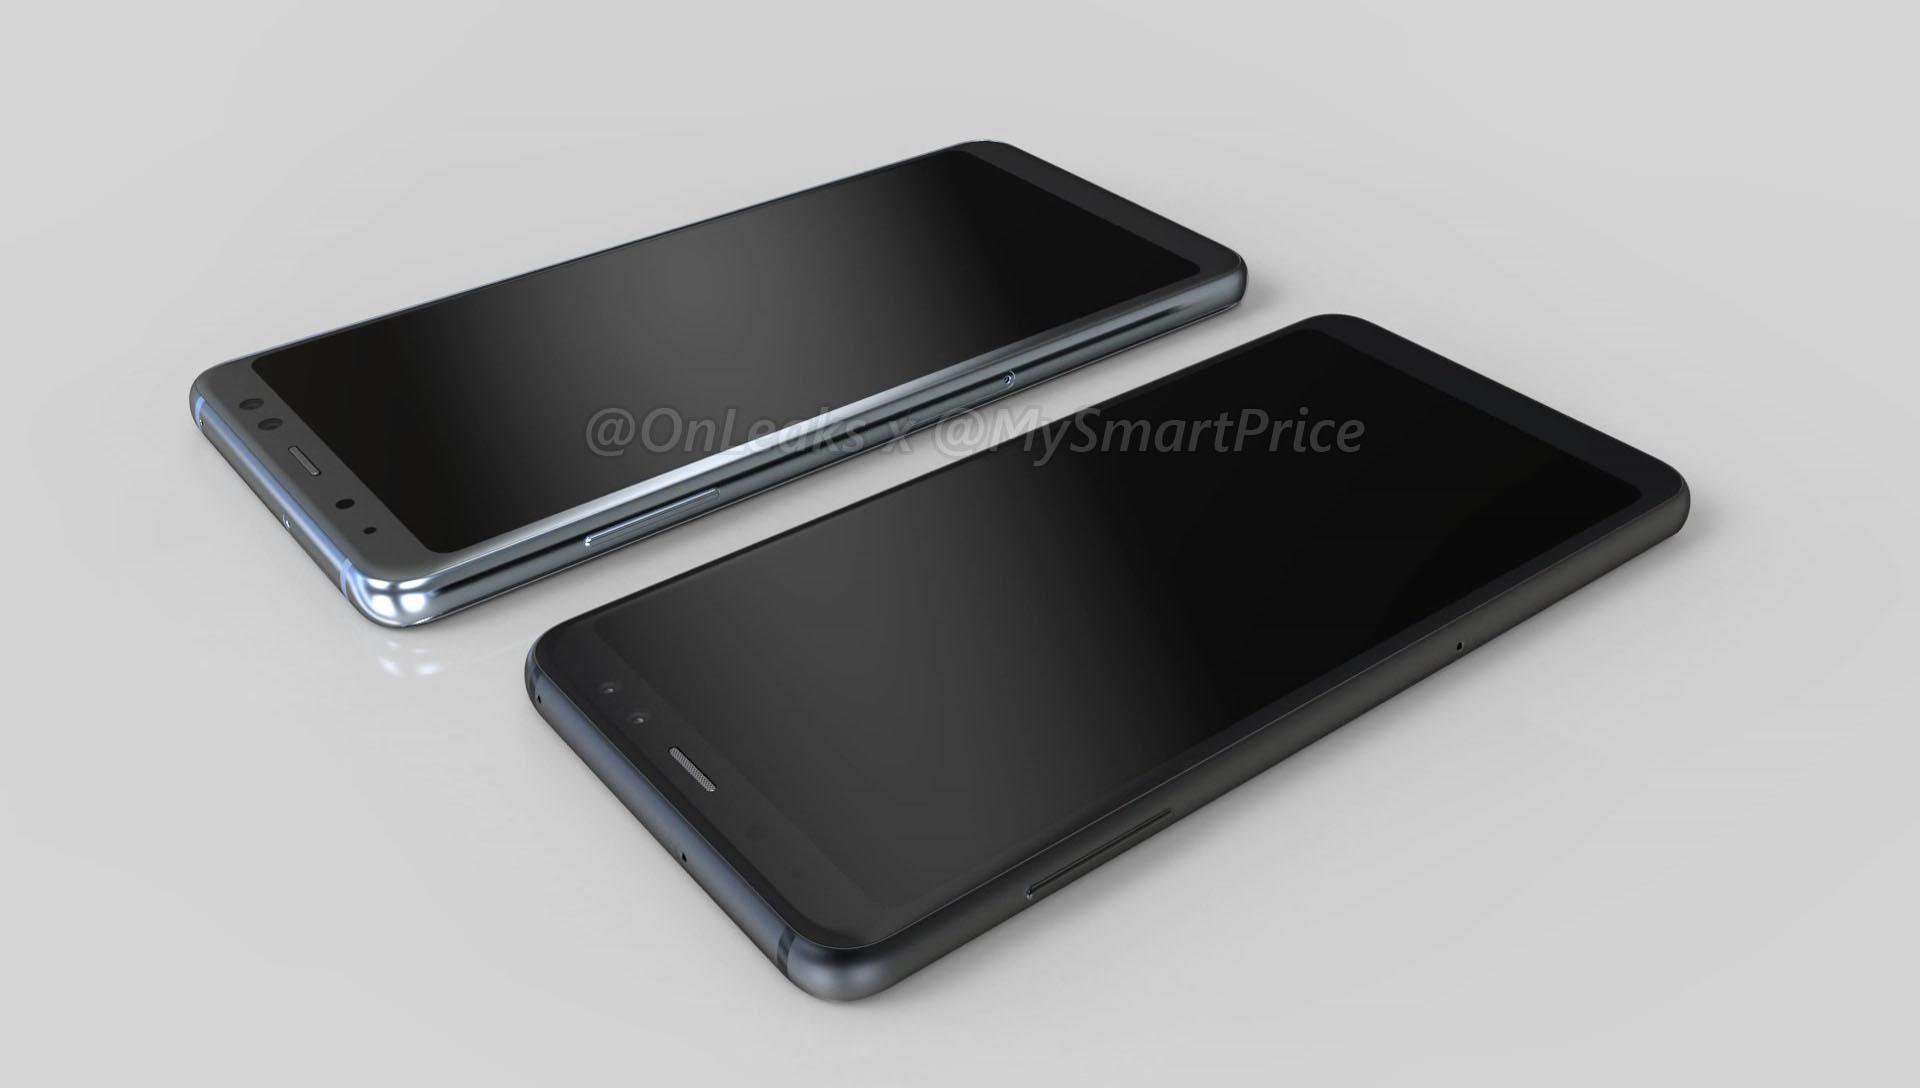 Samsung Galaxy A5 Galaxy A7 2018 render 1